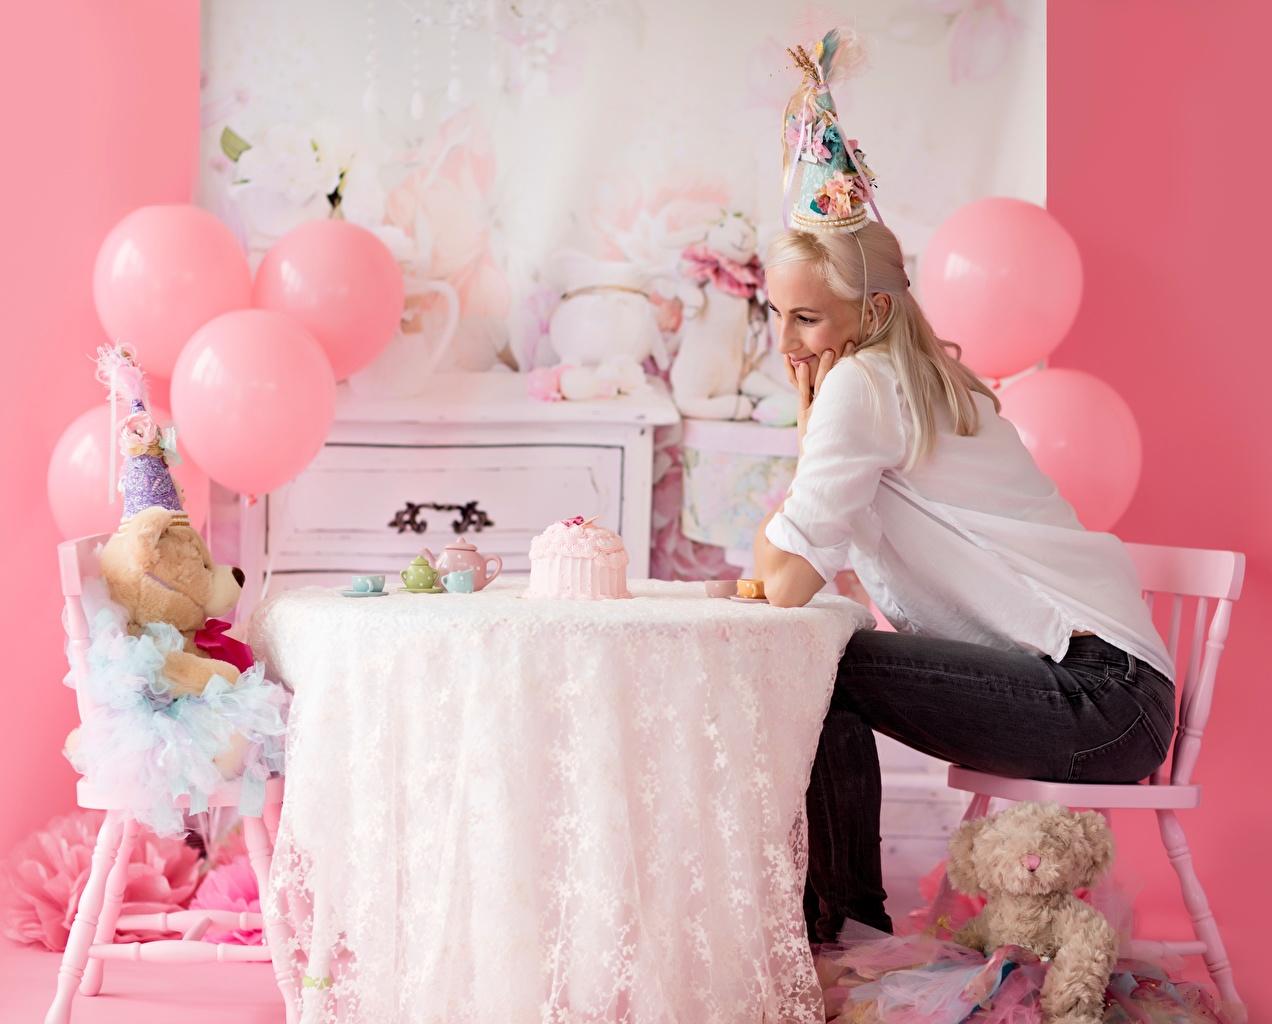 Desktop Hintergrundbilder Geburtstag Blondine junge frau Knuddelbär sitzt Stuhl Tisch Kugeln Feiertage Blond Mädchen Mädchens junge Frauen Teddy Teddybär sitzen Sitzend Stühle